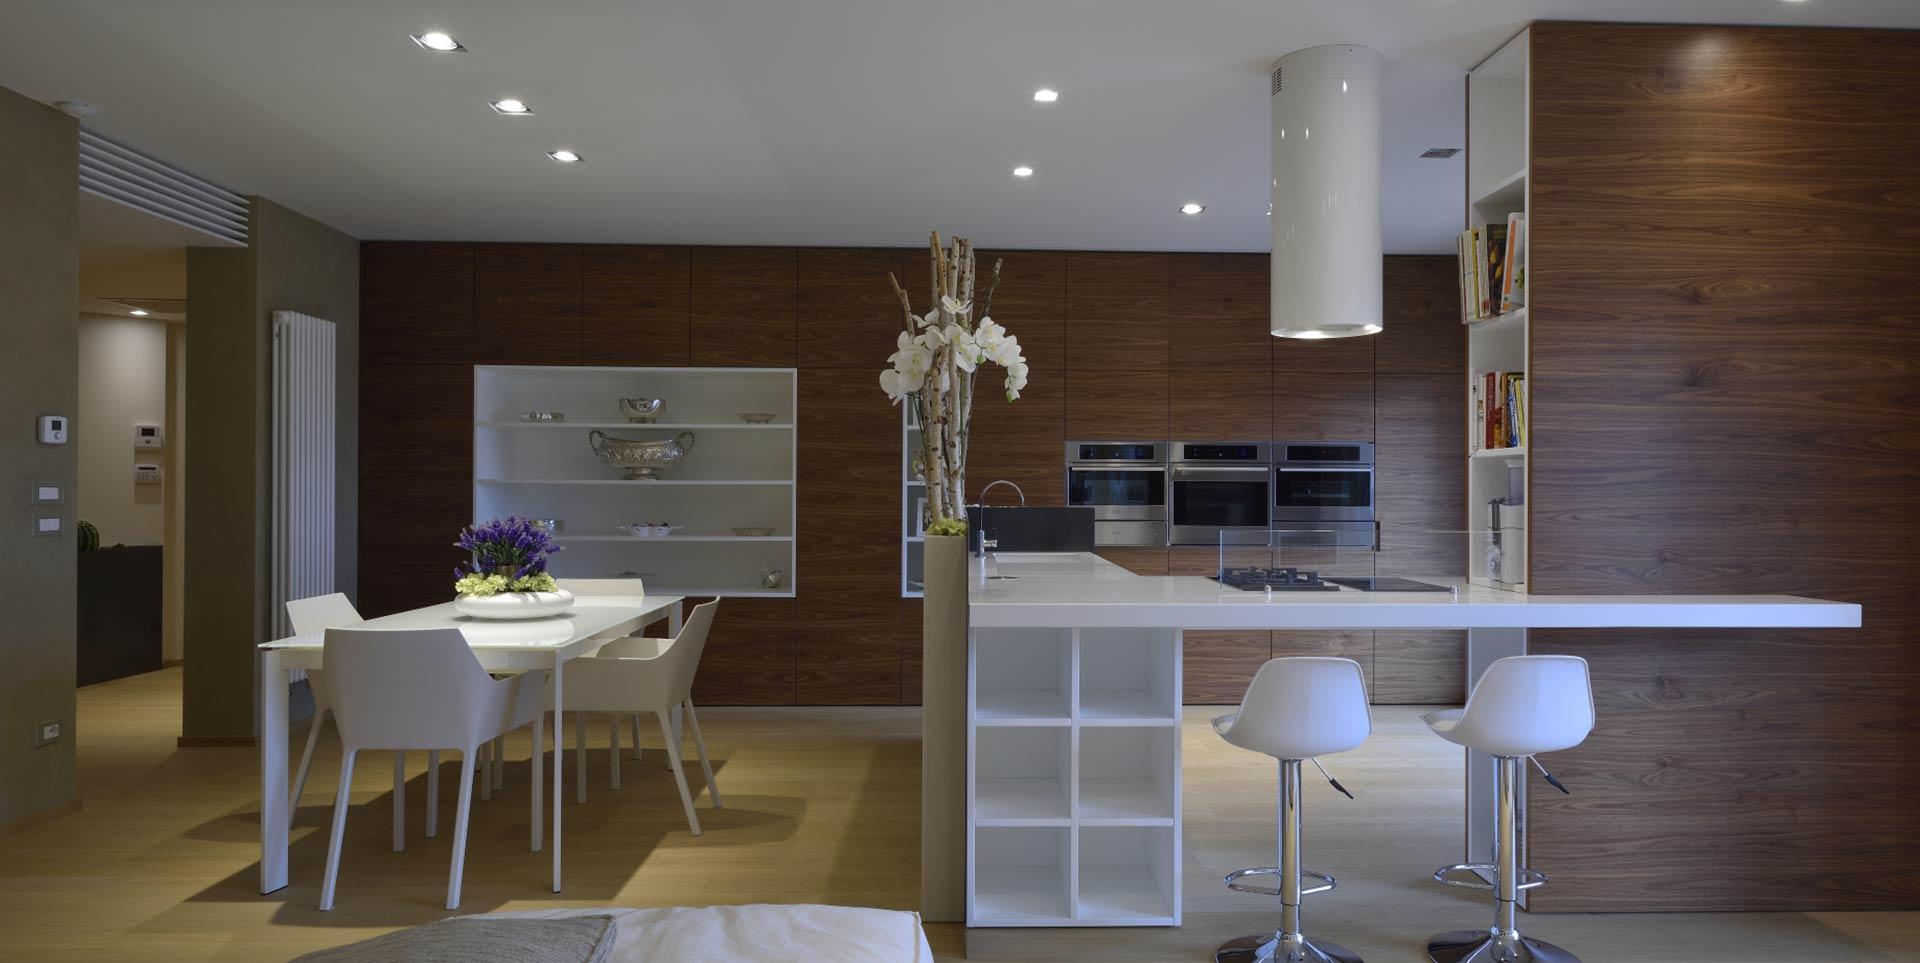 Cucine Componibili Matera.Lady Cucine Arredamento Cucine Living Camere Da Letto